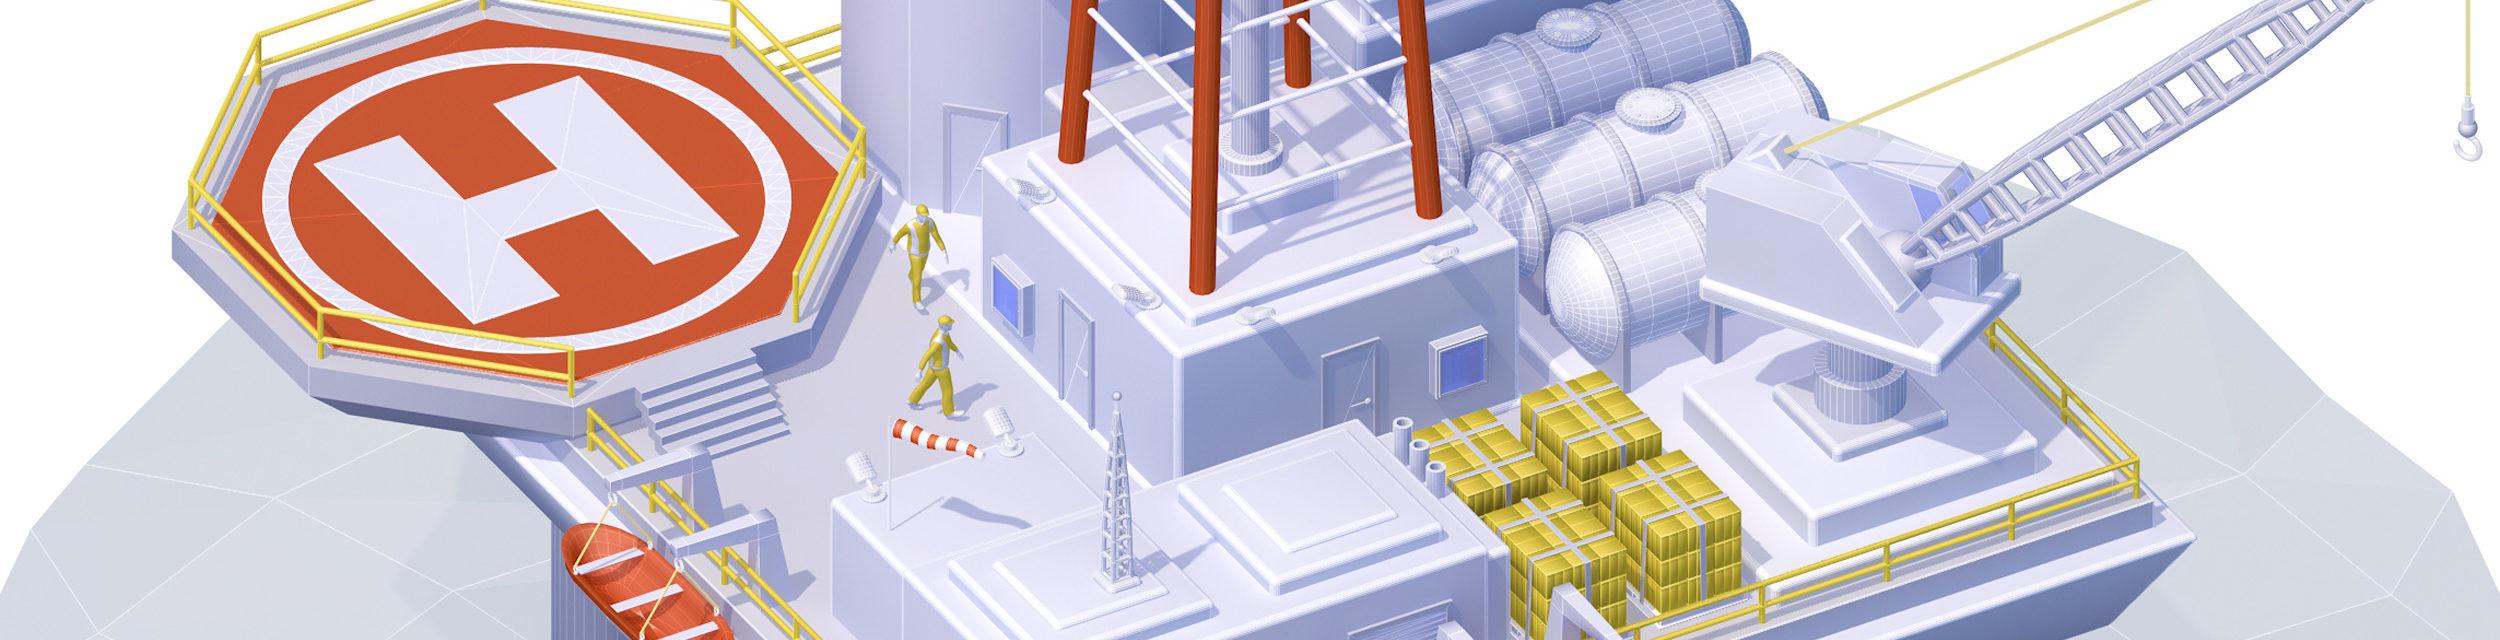 infographie 3D plateforme offshore Unik Studio 3D